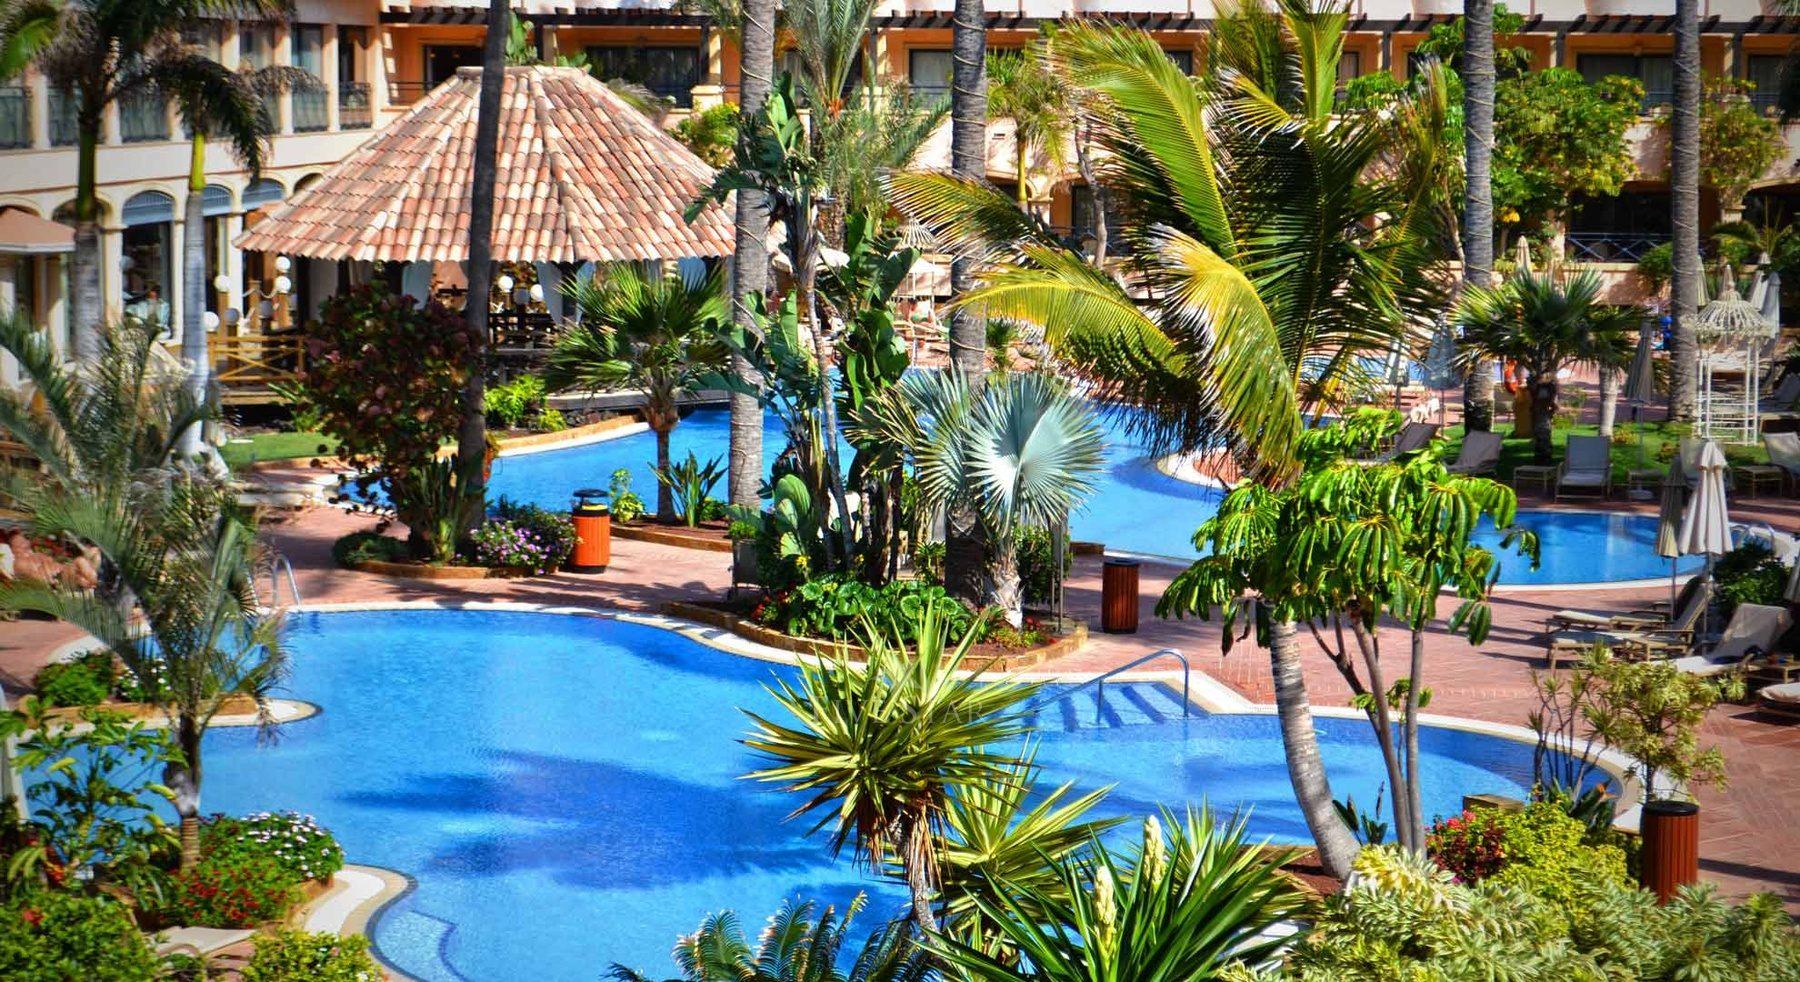 Gran Hotel Atlantis Bahia Real photo 17